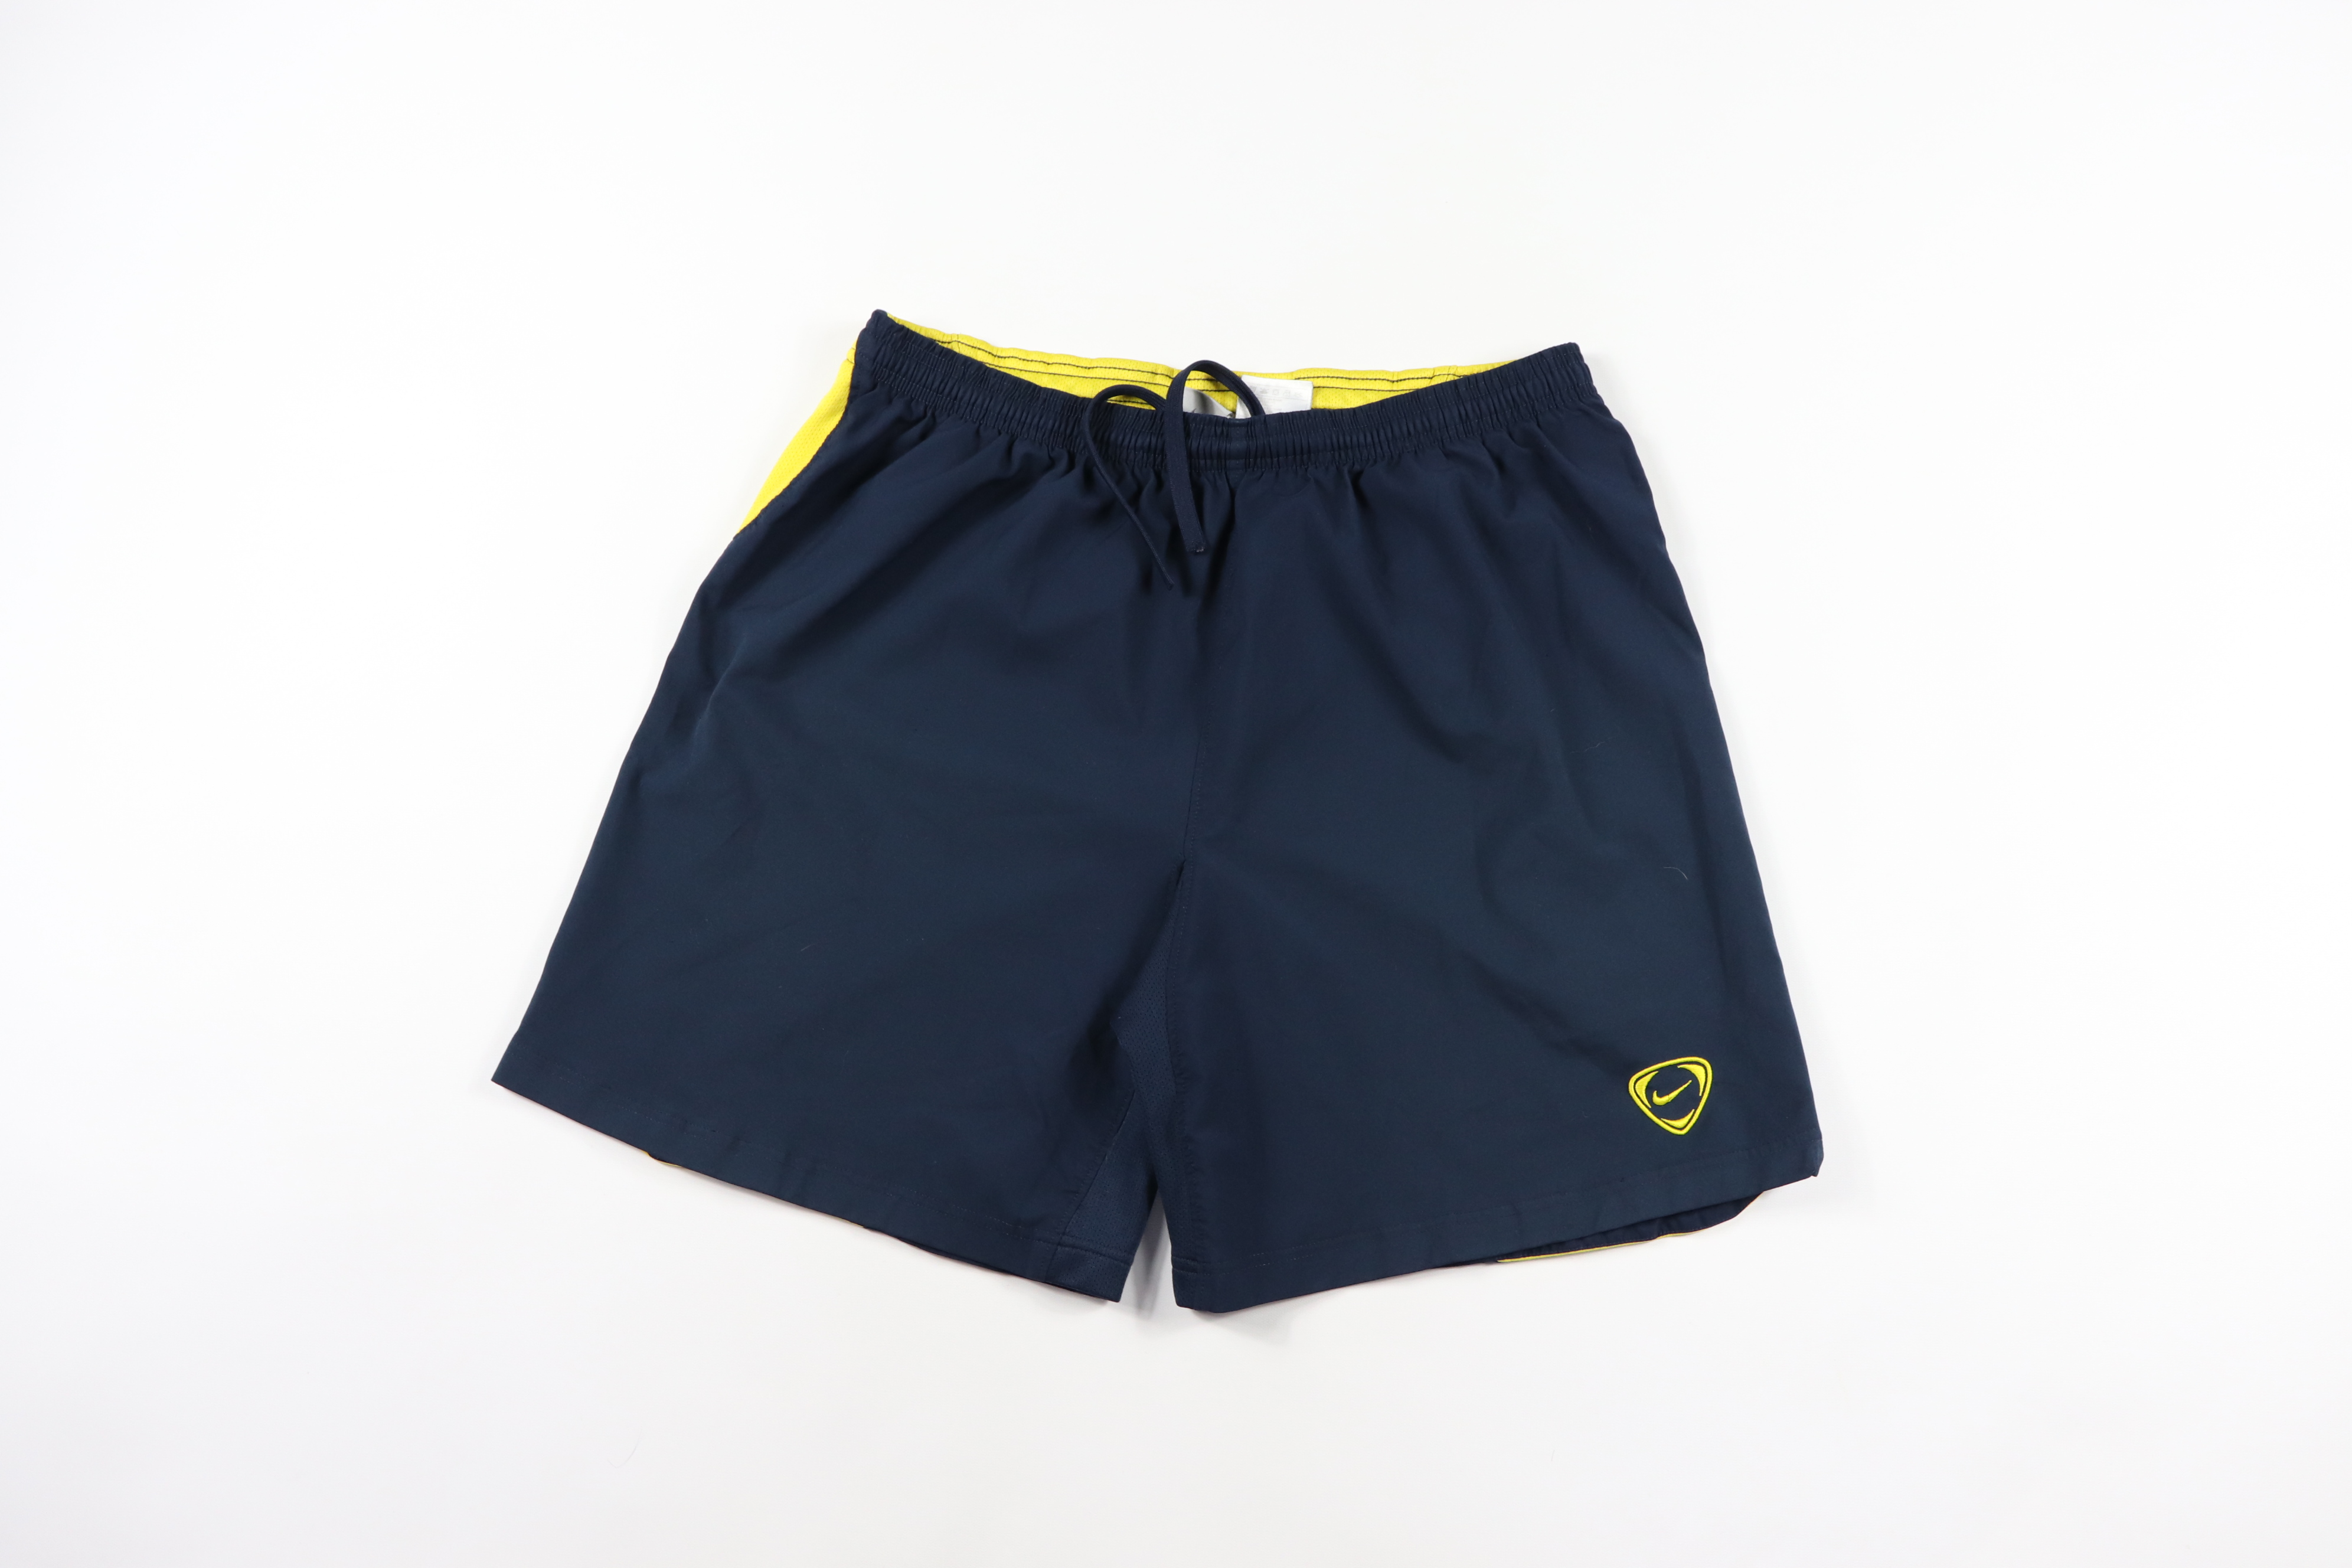 nike shorts 90s